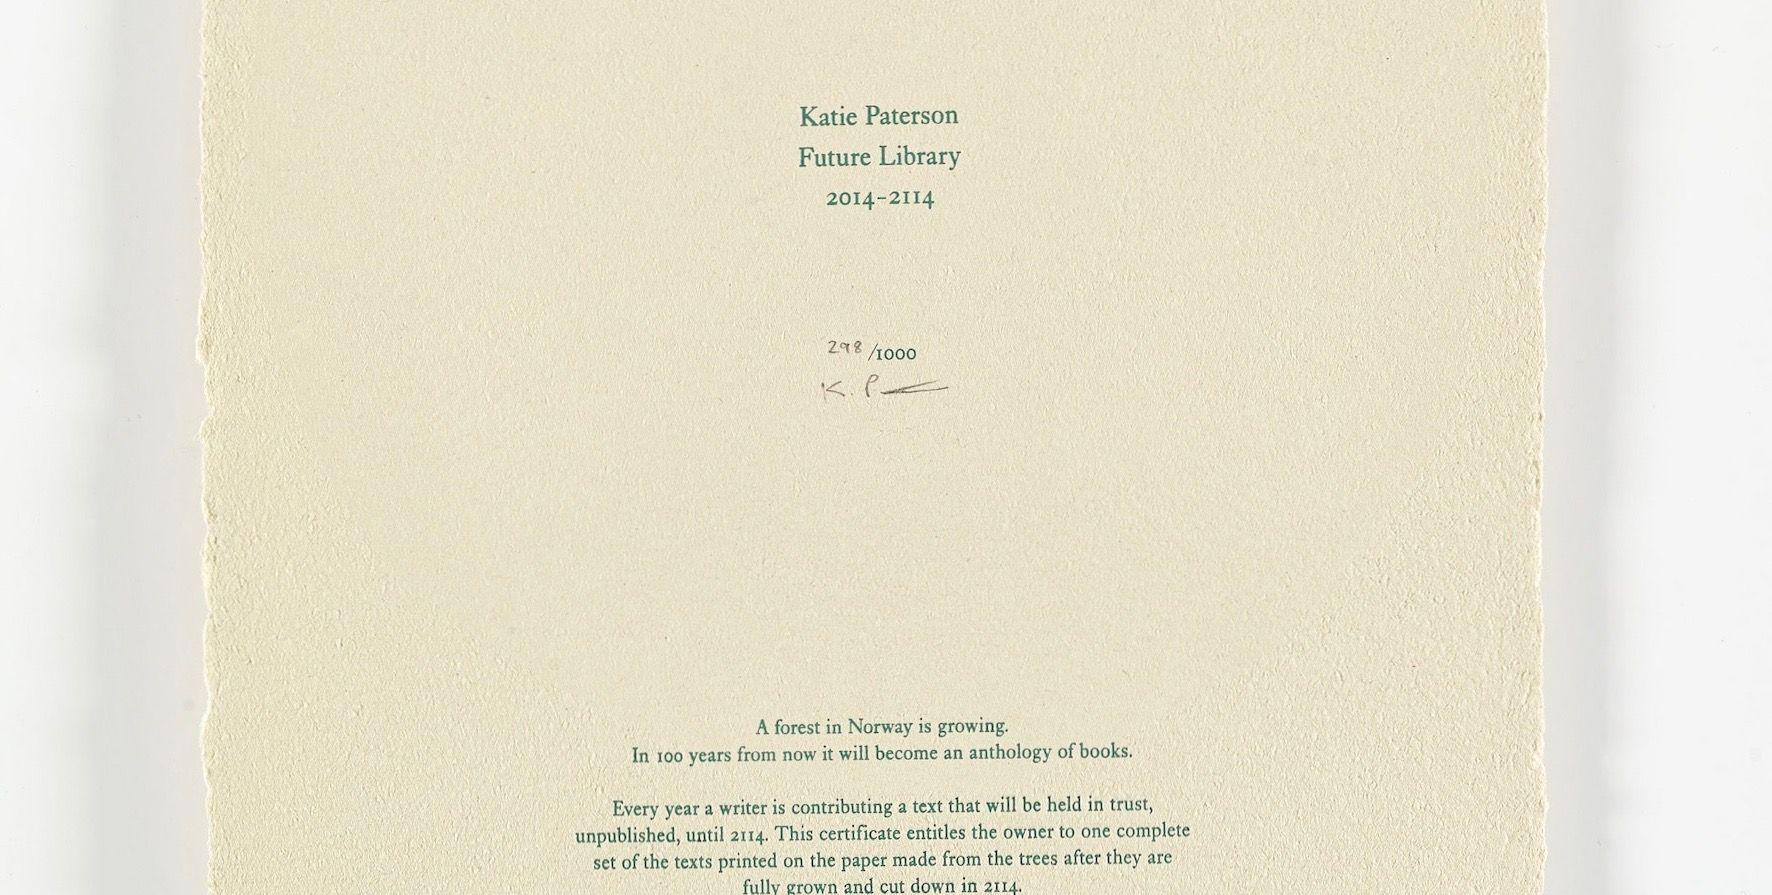 解禁は100年後。2114年の地球に「人気作家100人の作品を届ける」